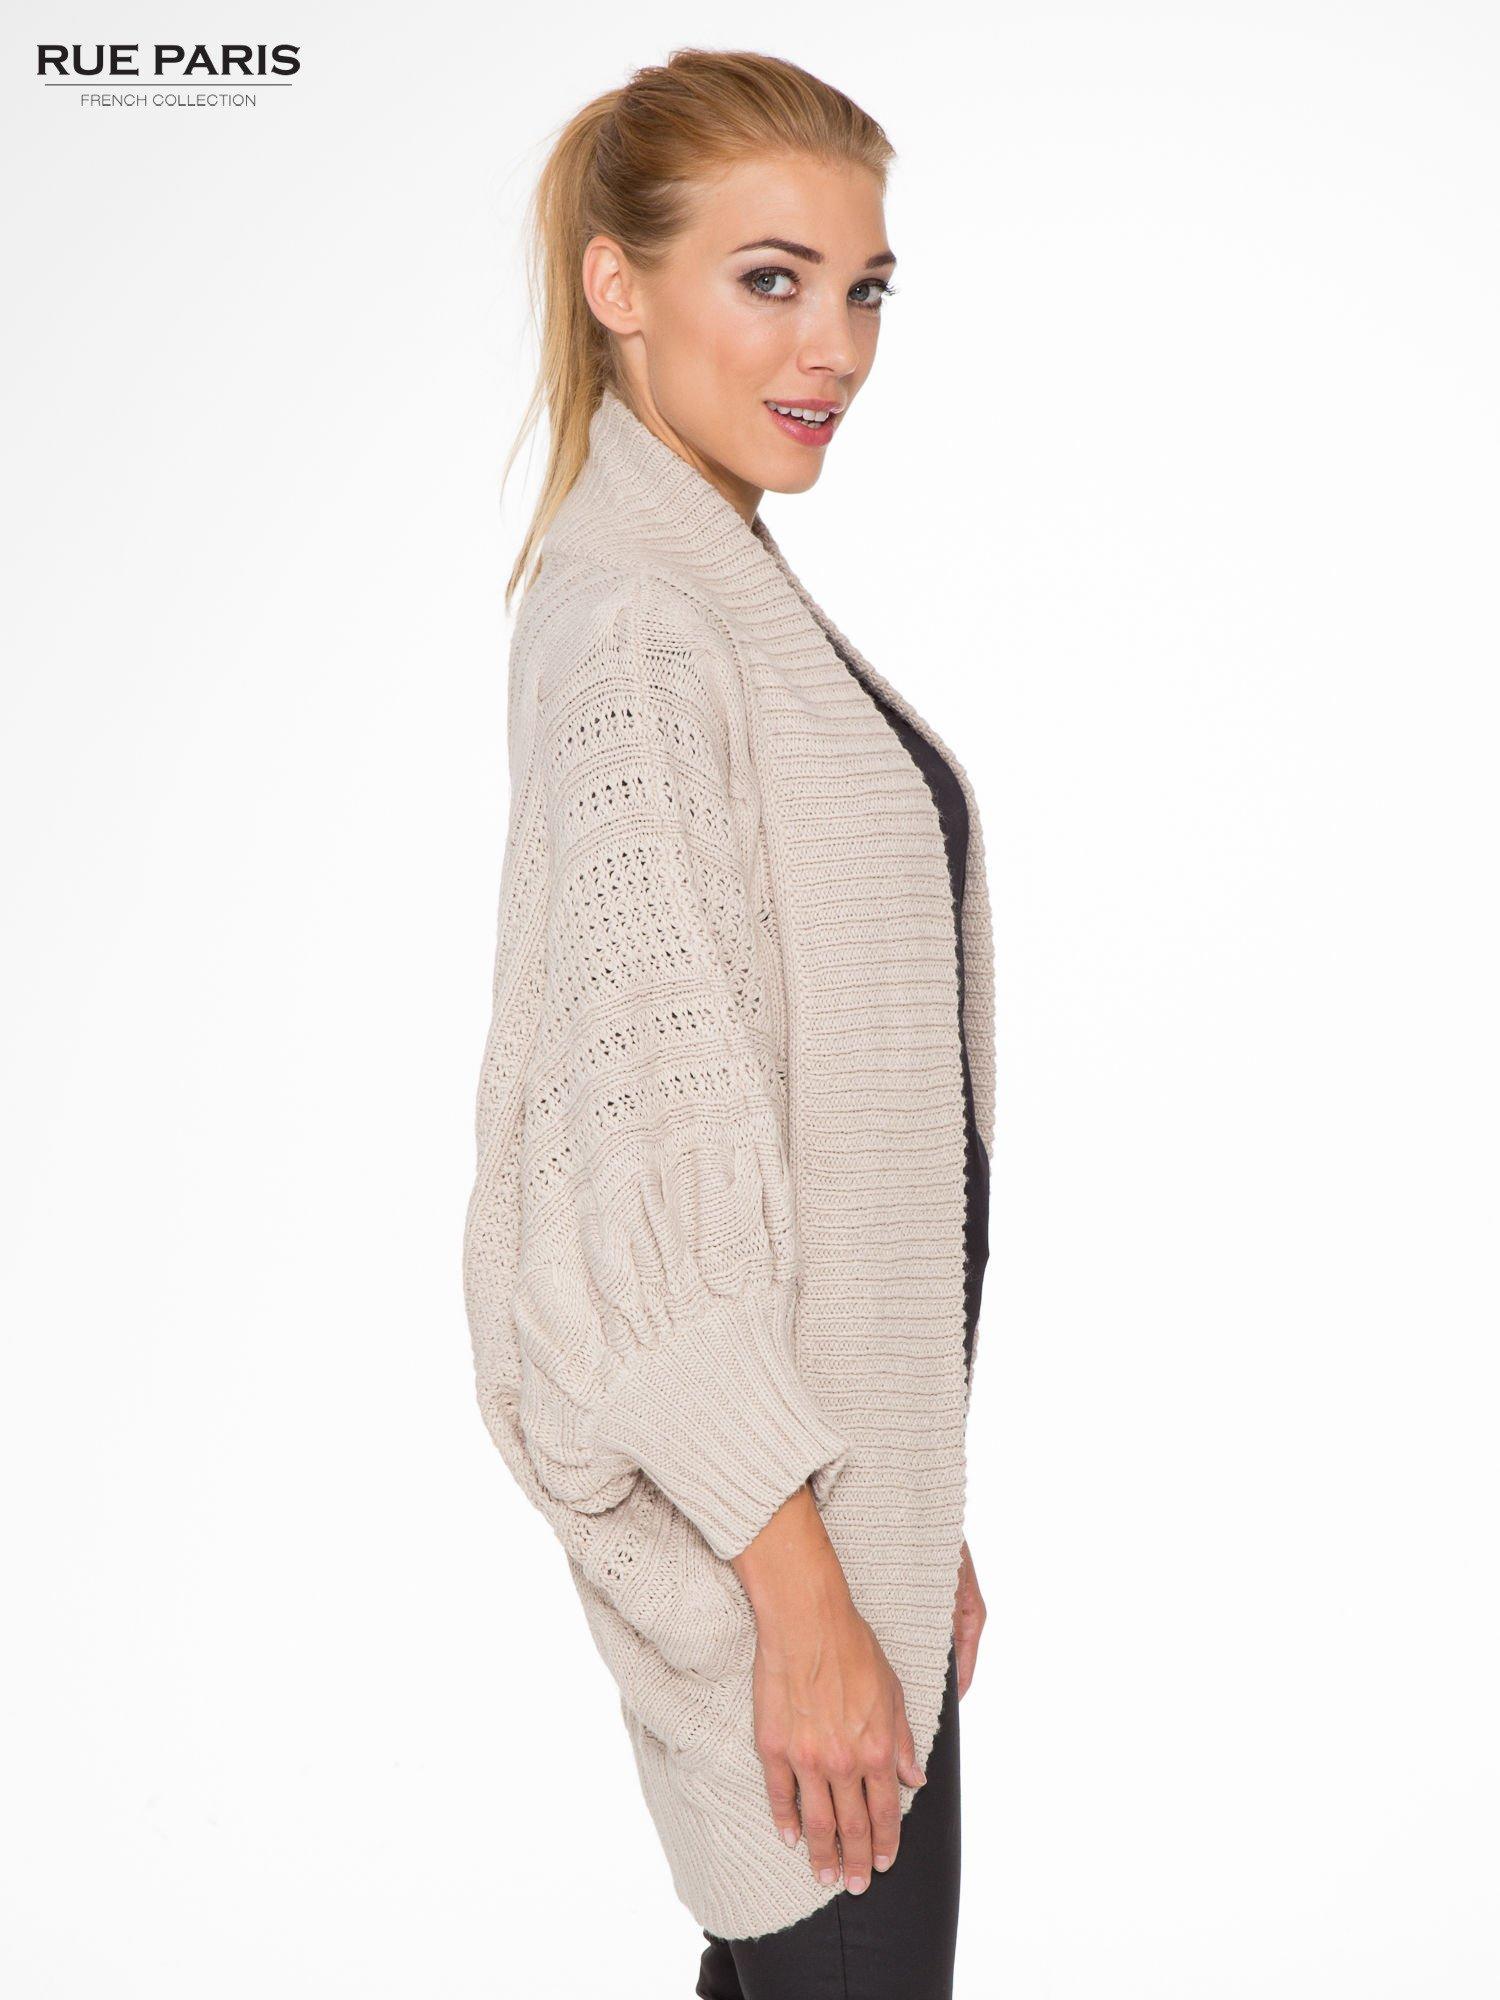 Jasnobeżowy dziergany sweter typu otwarty kardigan                                  zdj.                                  3